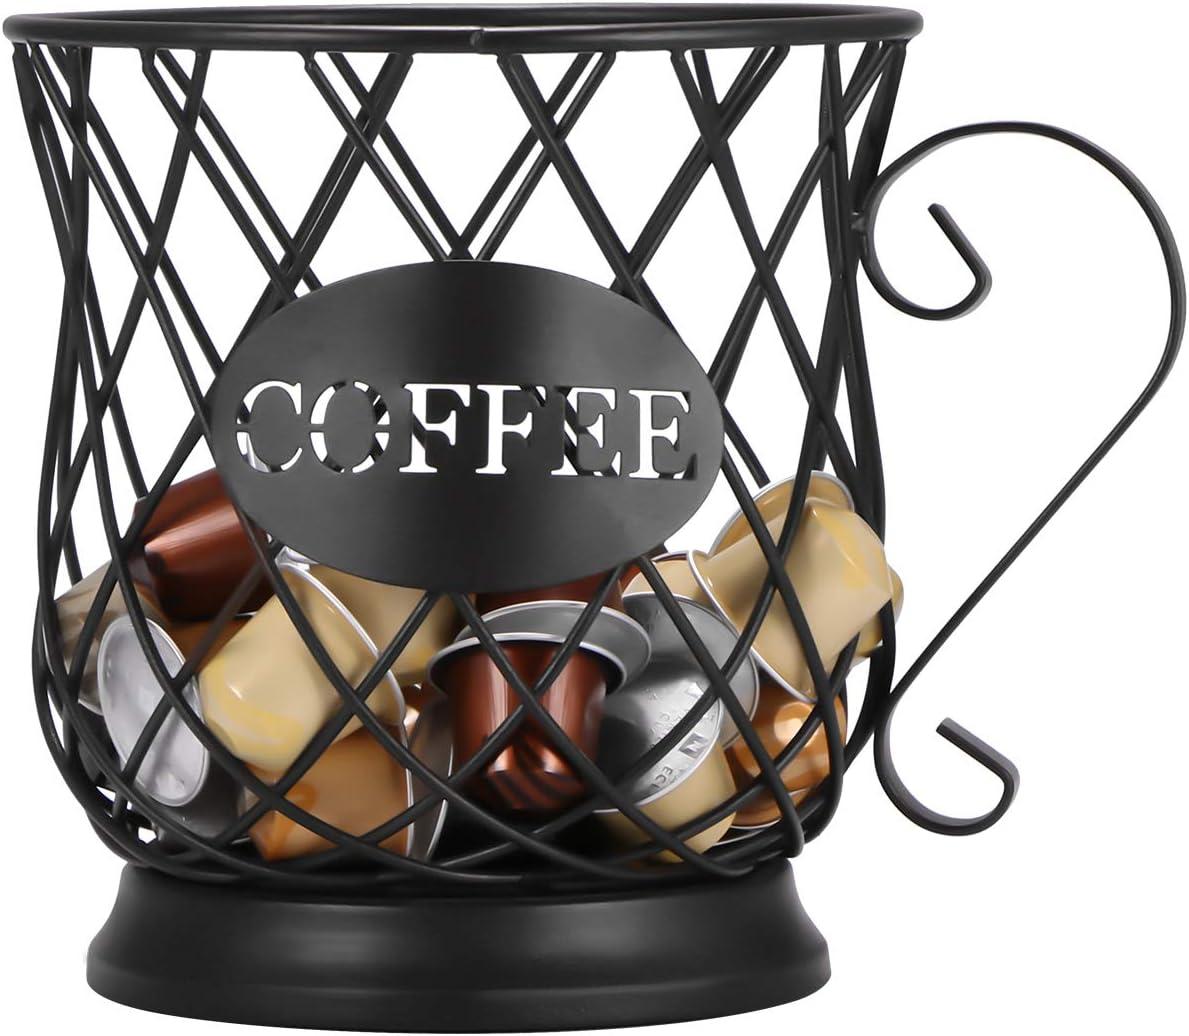 YChoice365 Soporte para cápsulas de café, Canasta de almacenamiento de café Soporte para cápsulas de café con asa, Organizador de cápsulas de café vintage, Almacenamiento de cocina, Universal